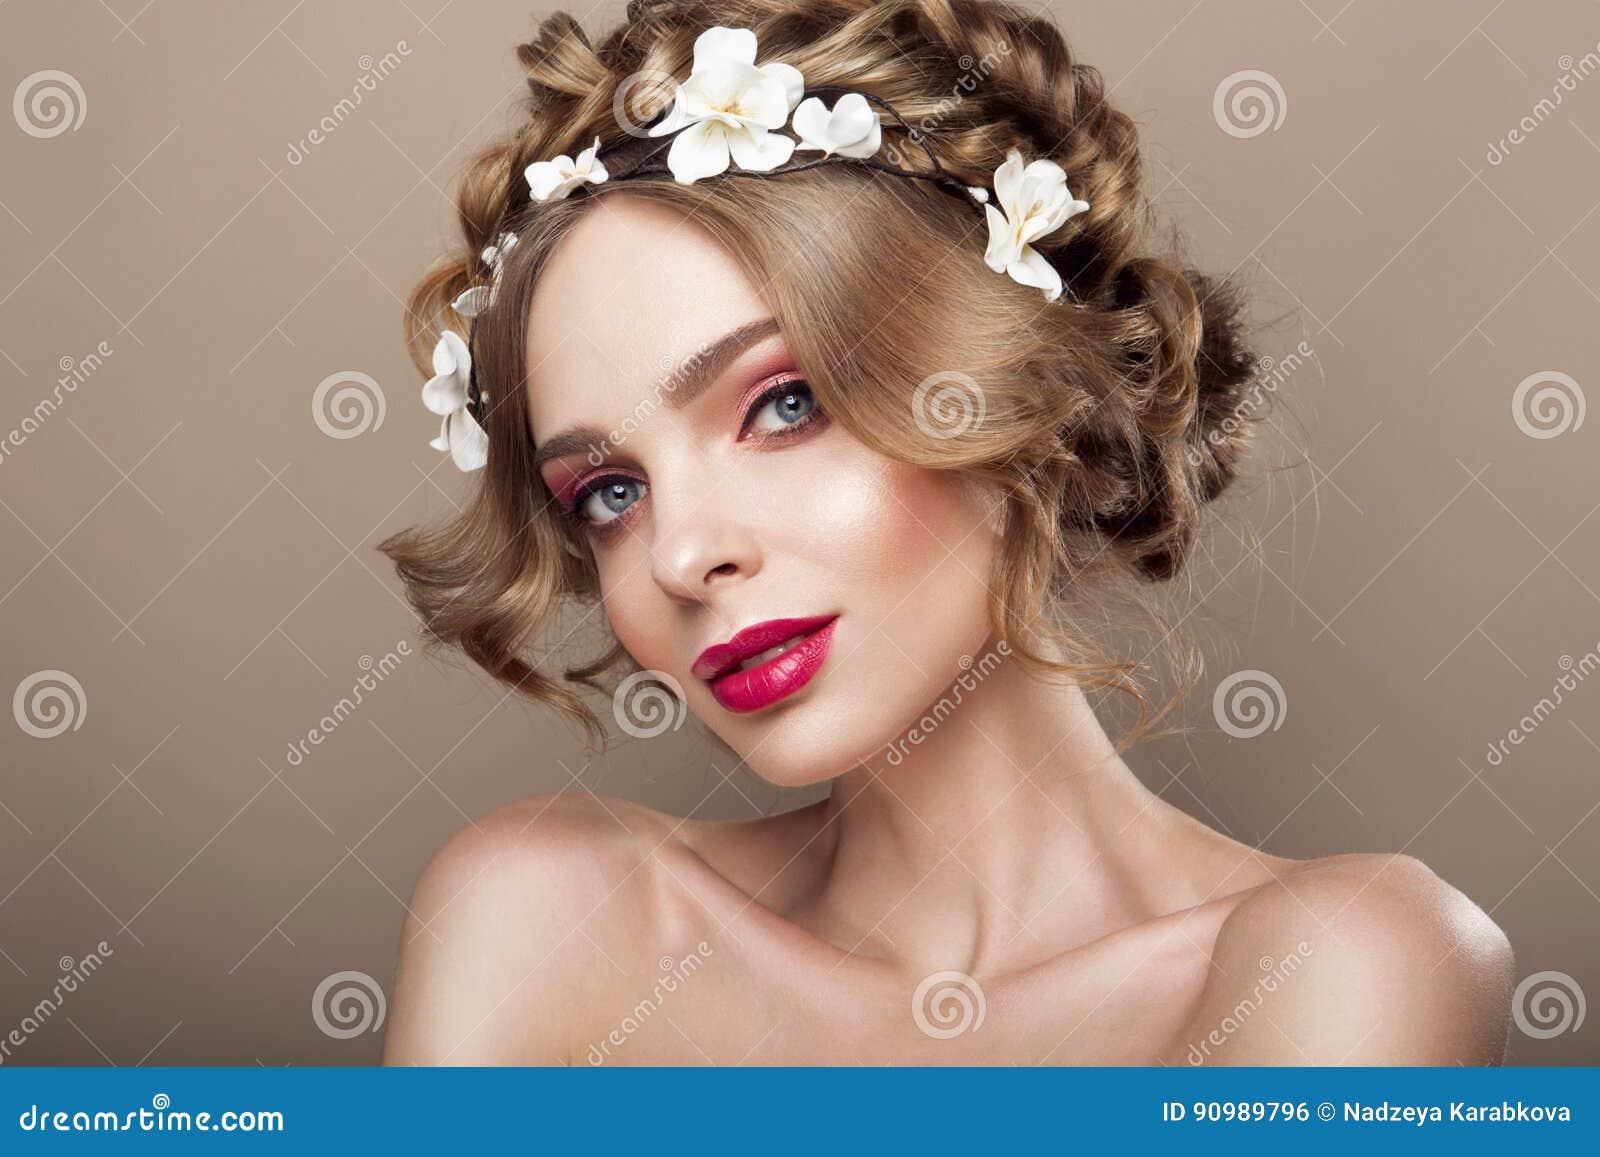 Modelo Girl de la belleza de la moda con el pelo de las flores Novia Creativos perfectos componen y el estilo de pelo hairstyle